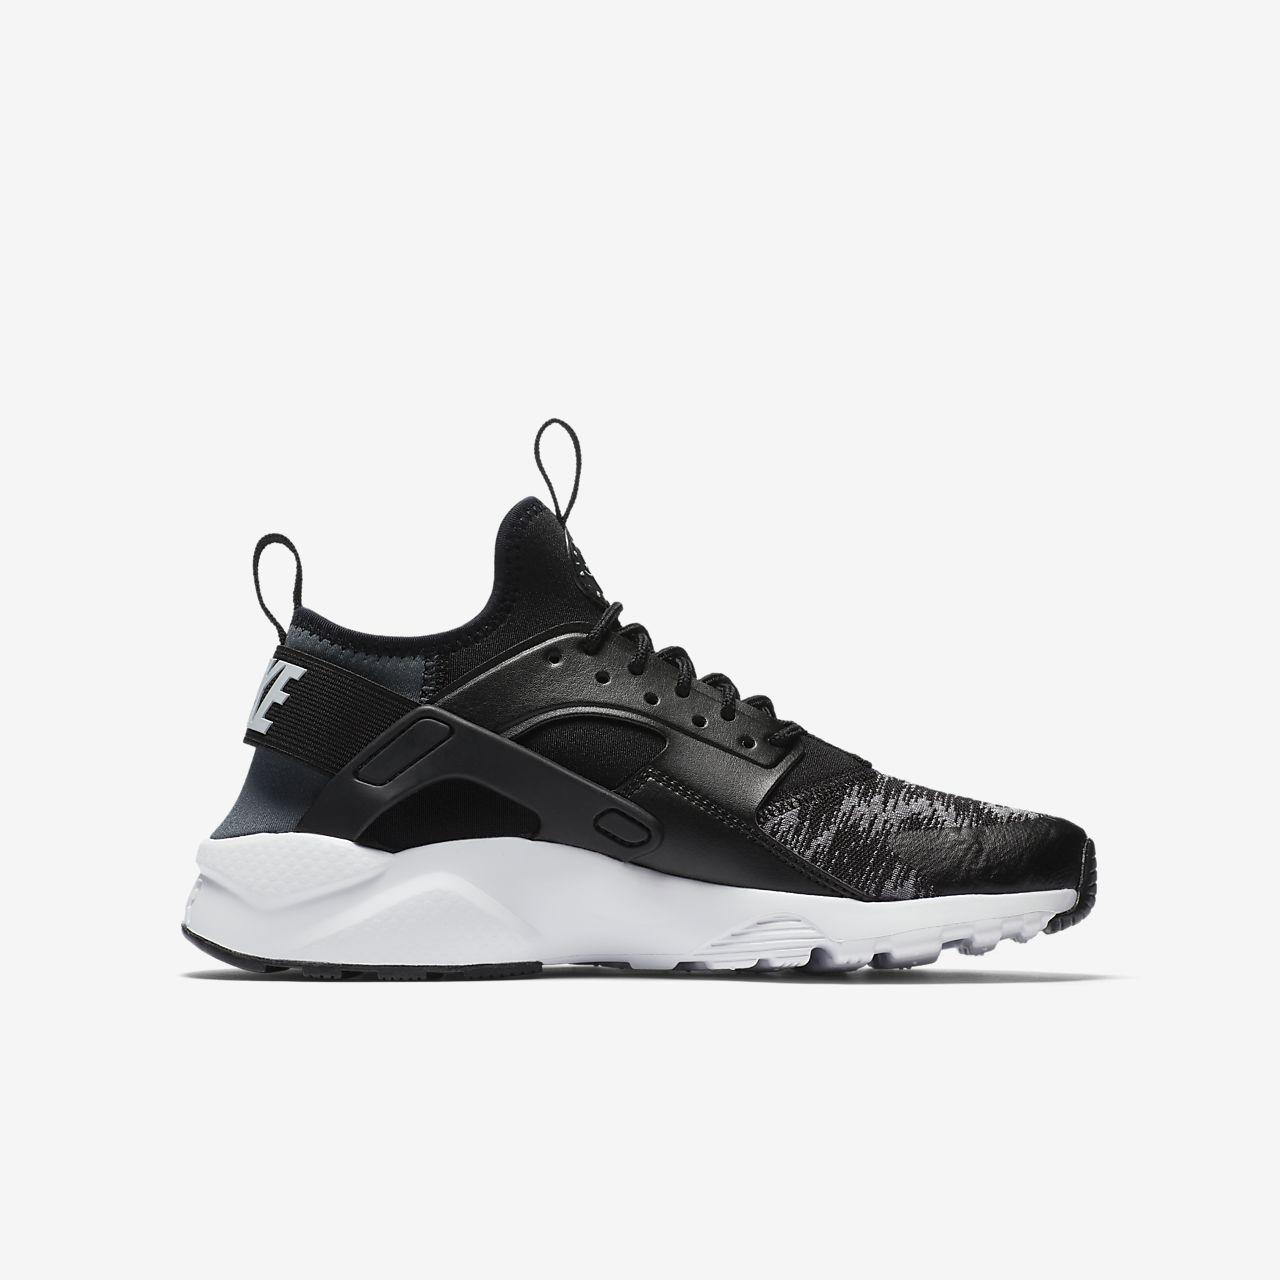 réduction confortable exclusif Nike Huarache D'air Dirigé Ultra Soi Mens Sous-vêtements boutique Nouveau pIikR83aIY